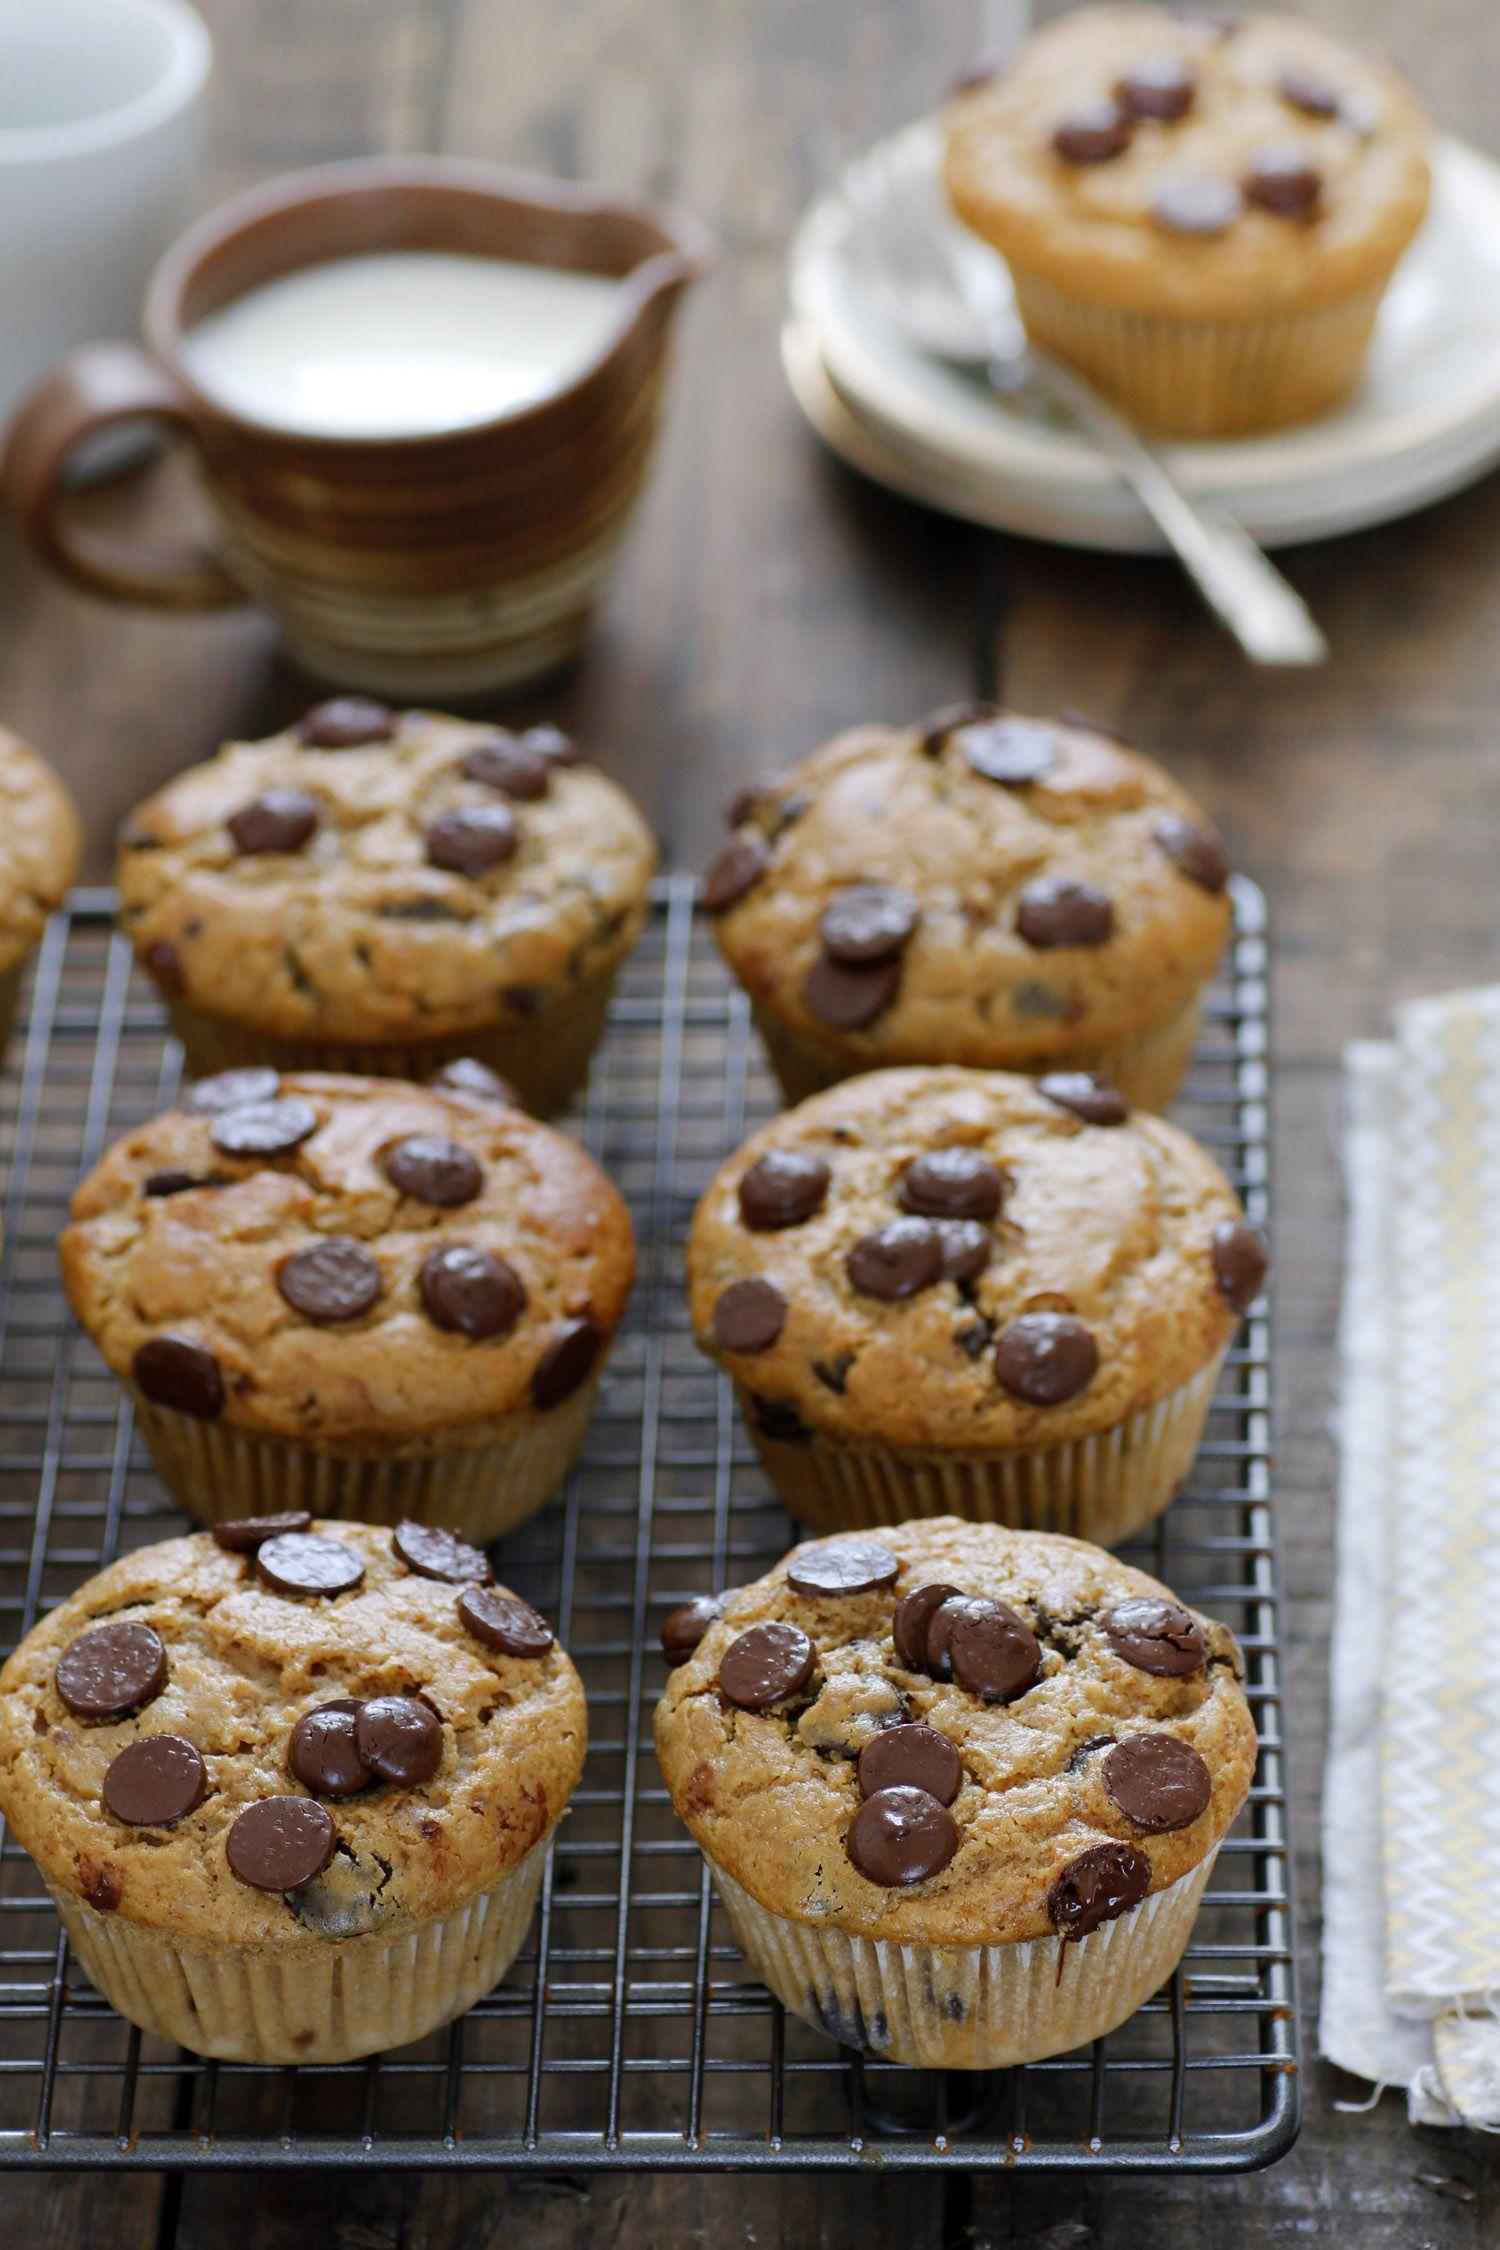 מאפינס שוקולד צ'יפס, קפה ונוגט